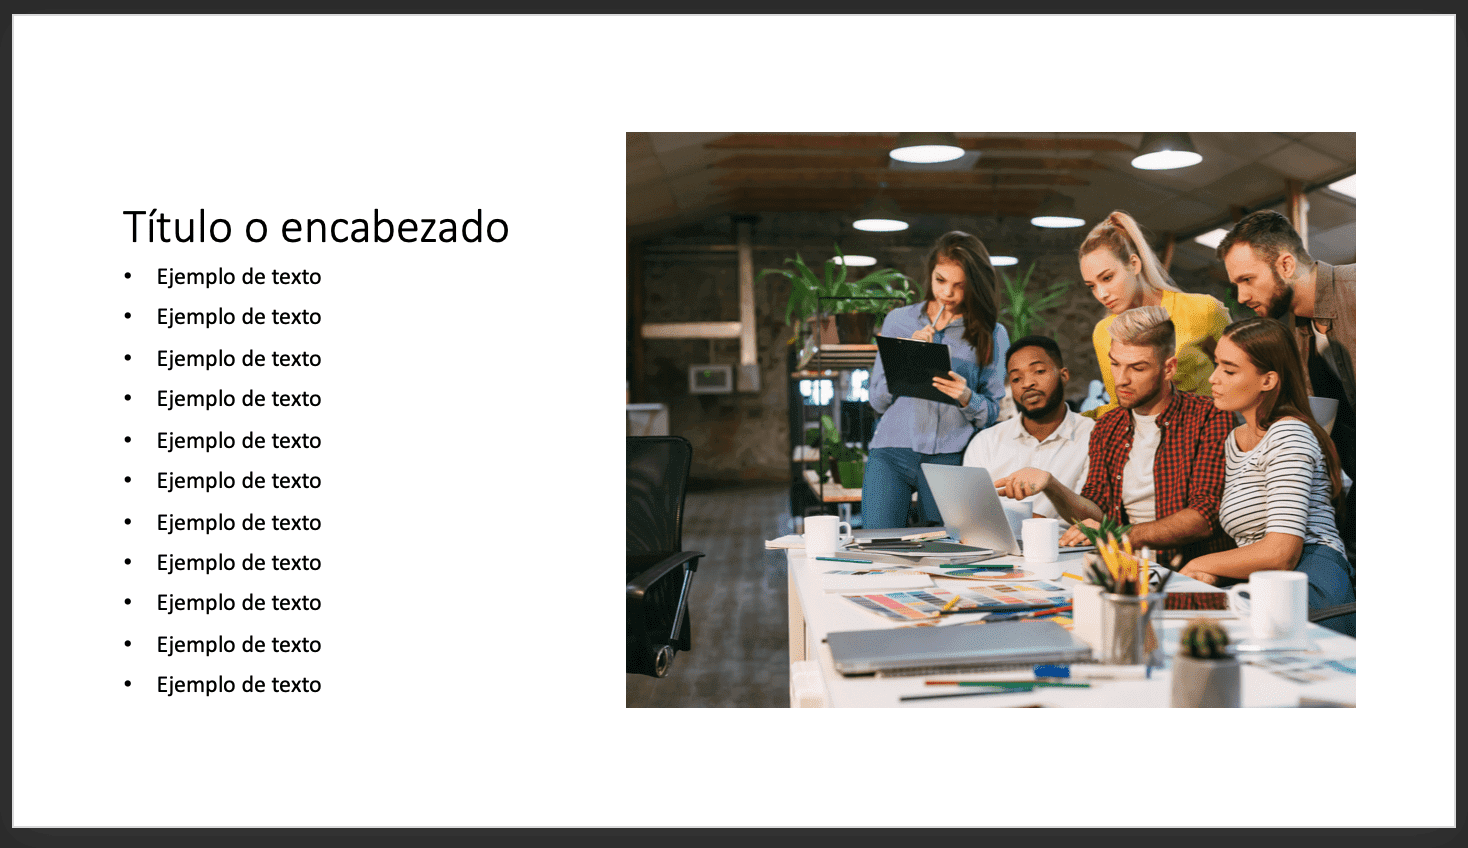 Cómo usar PowerPoint: ejemplo de diapositiva